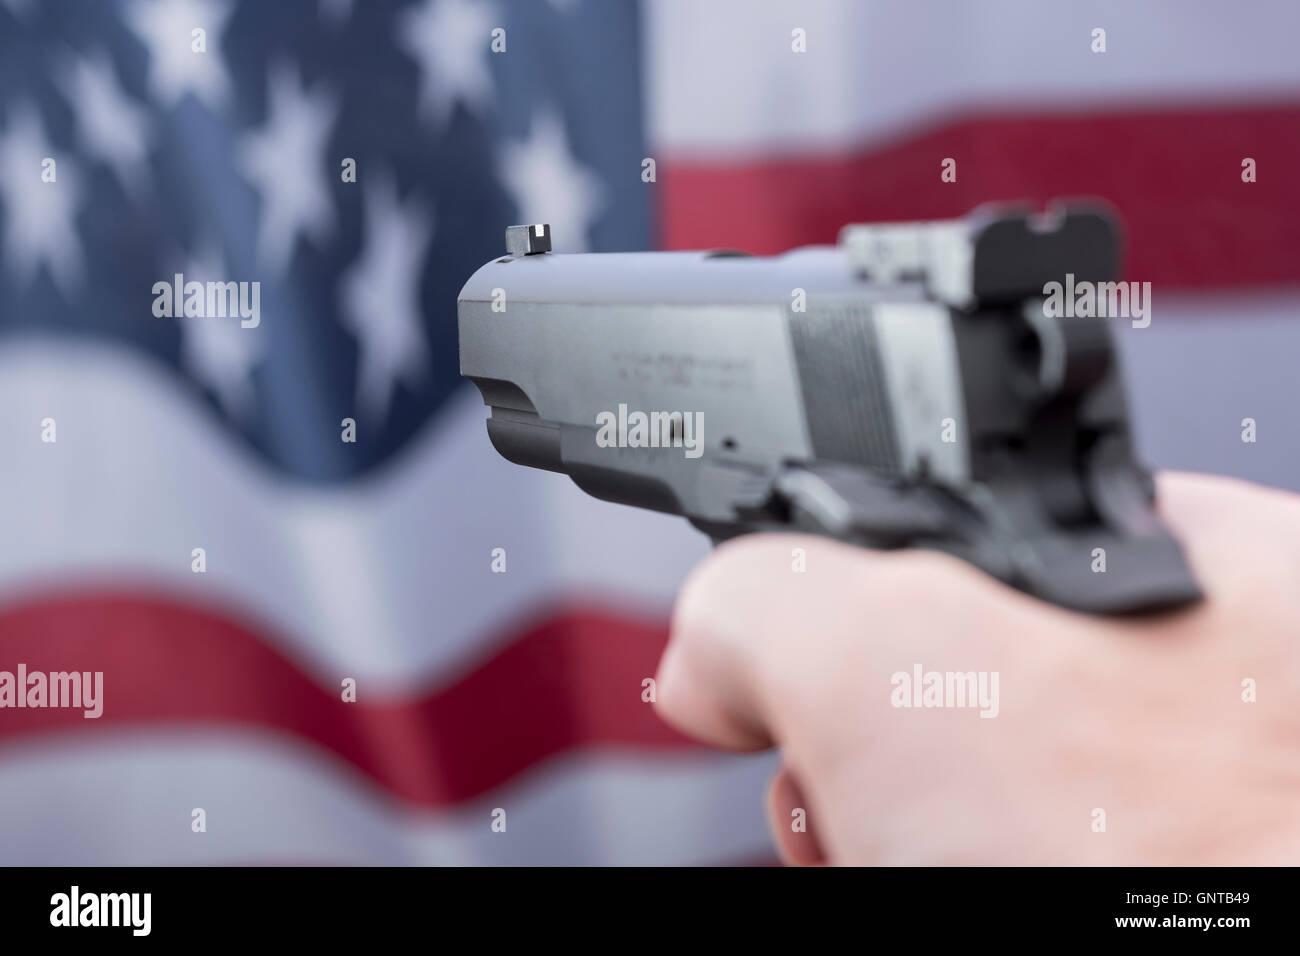 Replika Colt 1911 ein Satz gegen Reflexion der US Flag/Stars & Stripes - als Metapher für die Gun Control, Stockbild